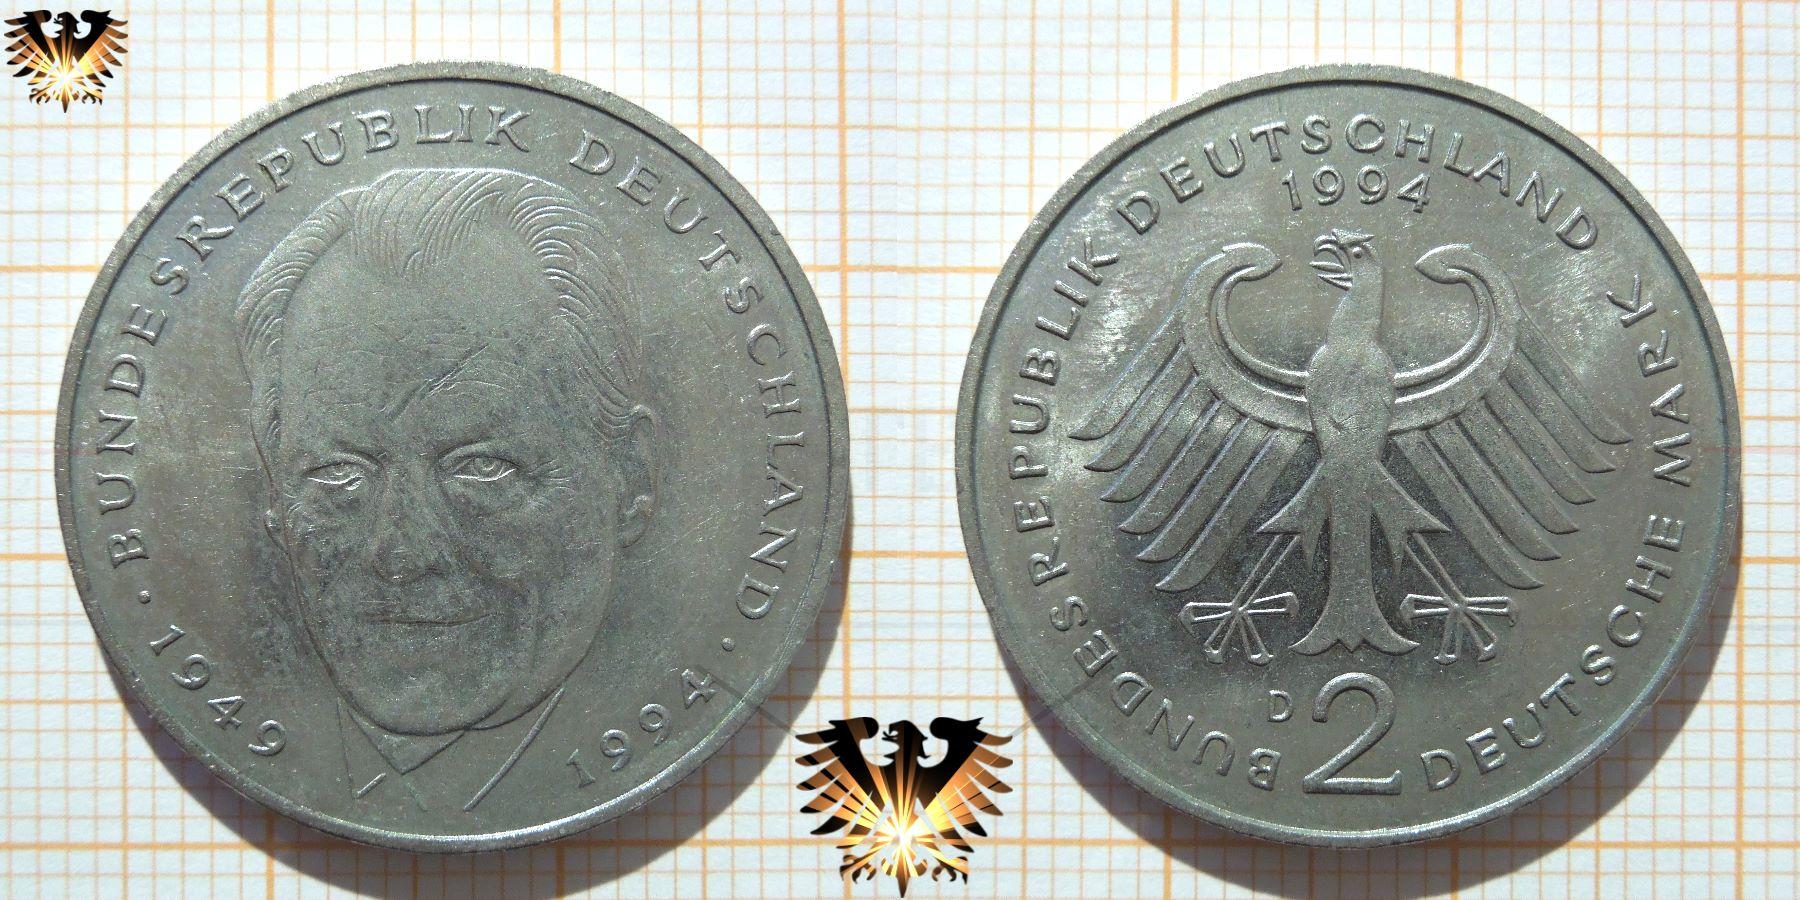 2 Dm Münze Brd 1994 Willi Brandt 45 Jahre Bundesrepublik